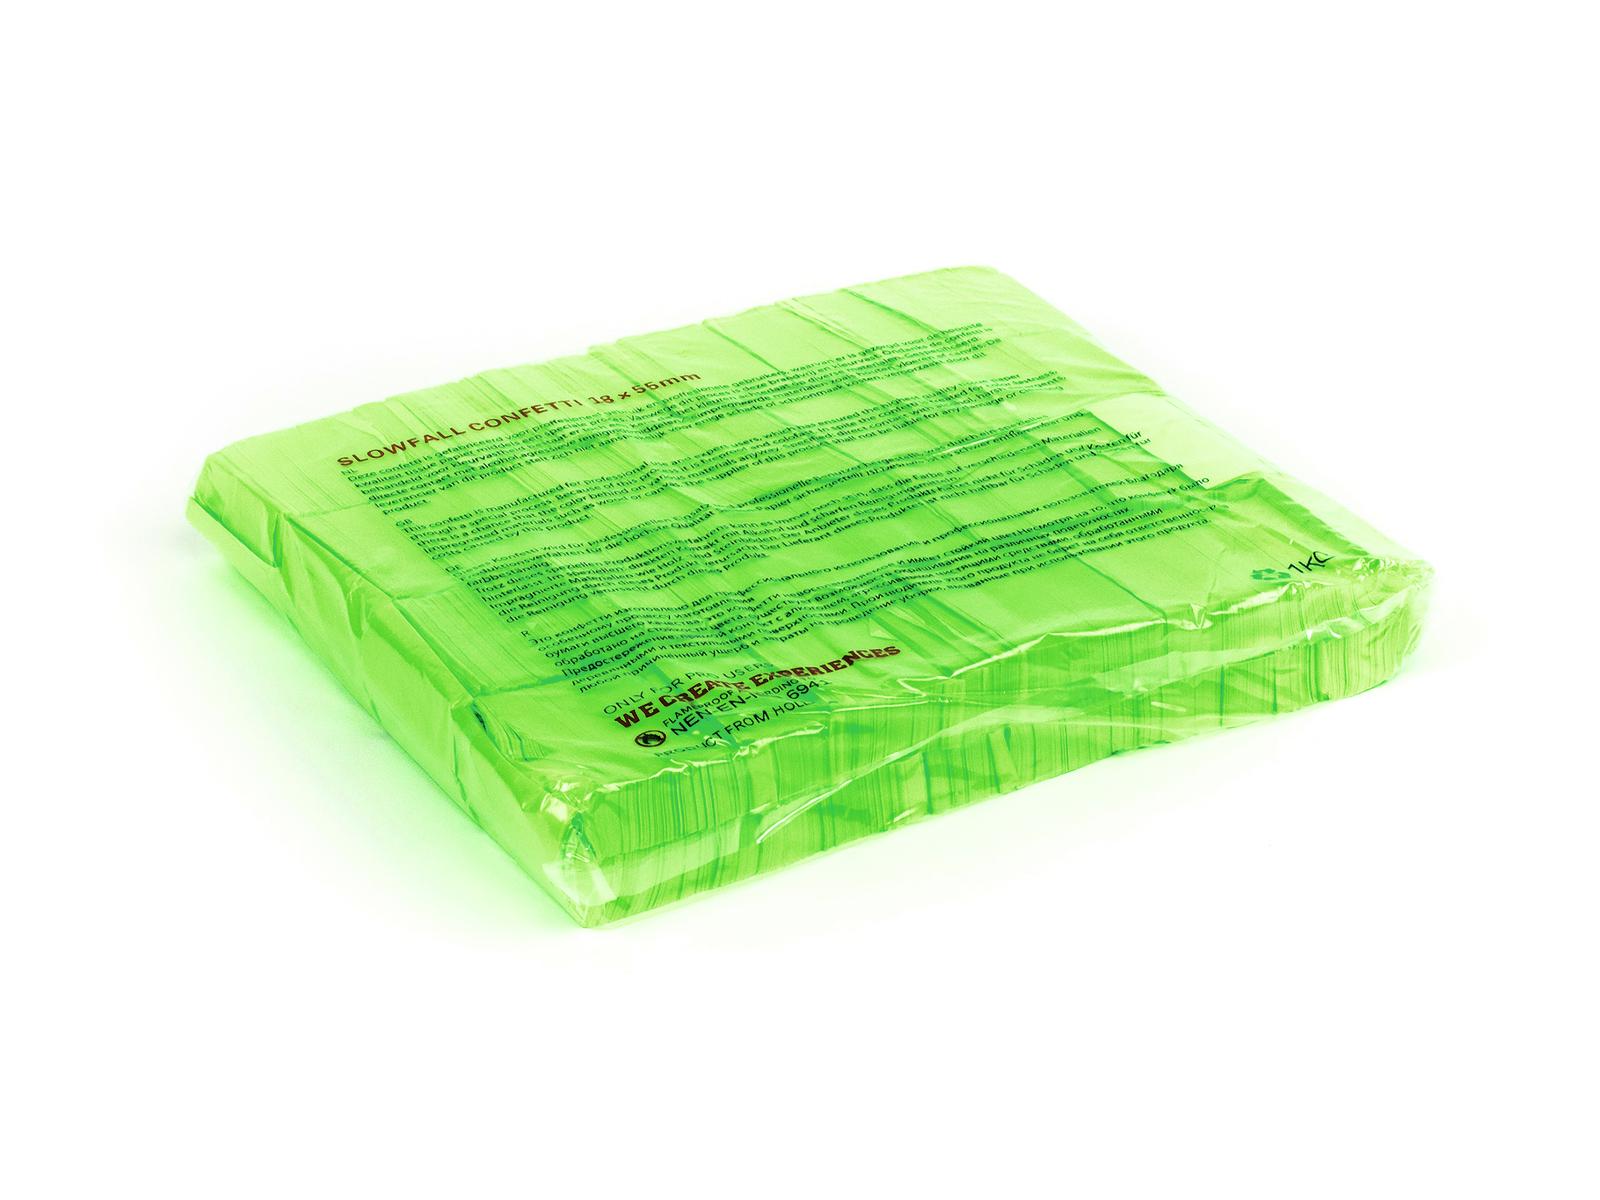 Tcm Fx pomalu padající obdélníkové konfety 55x18mm, neonové-zelené